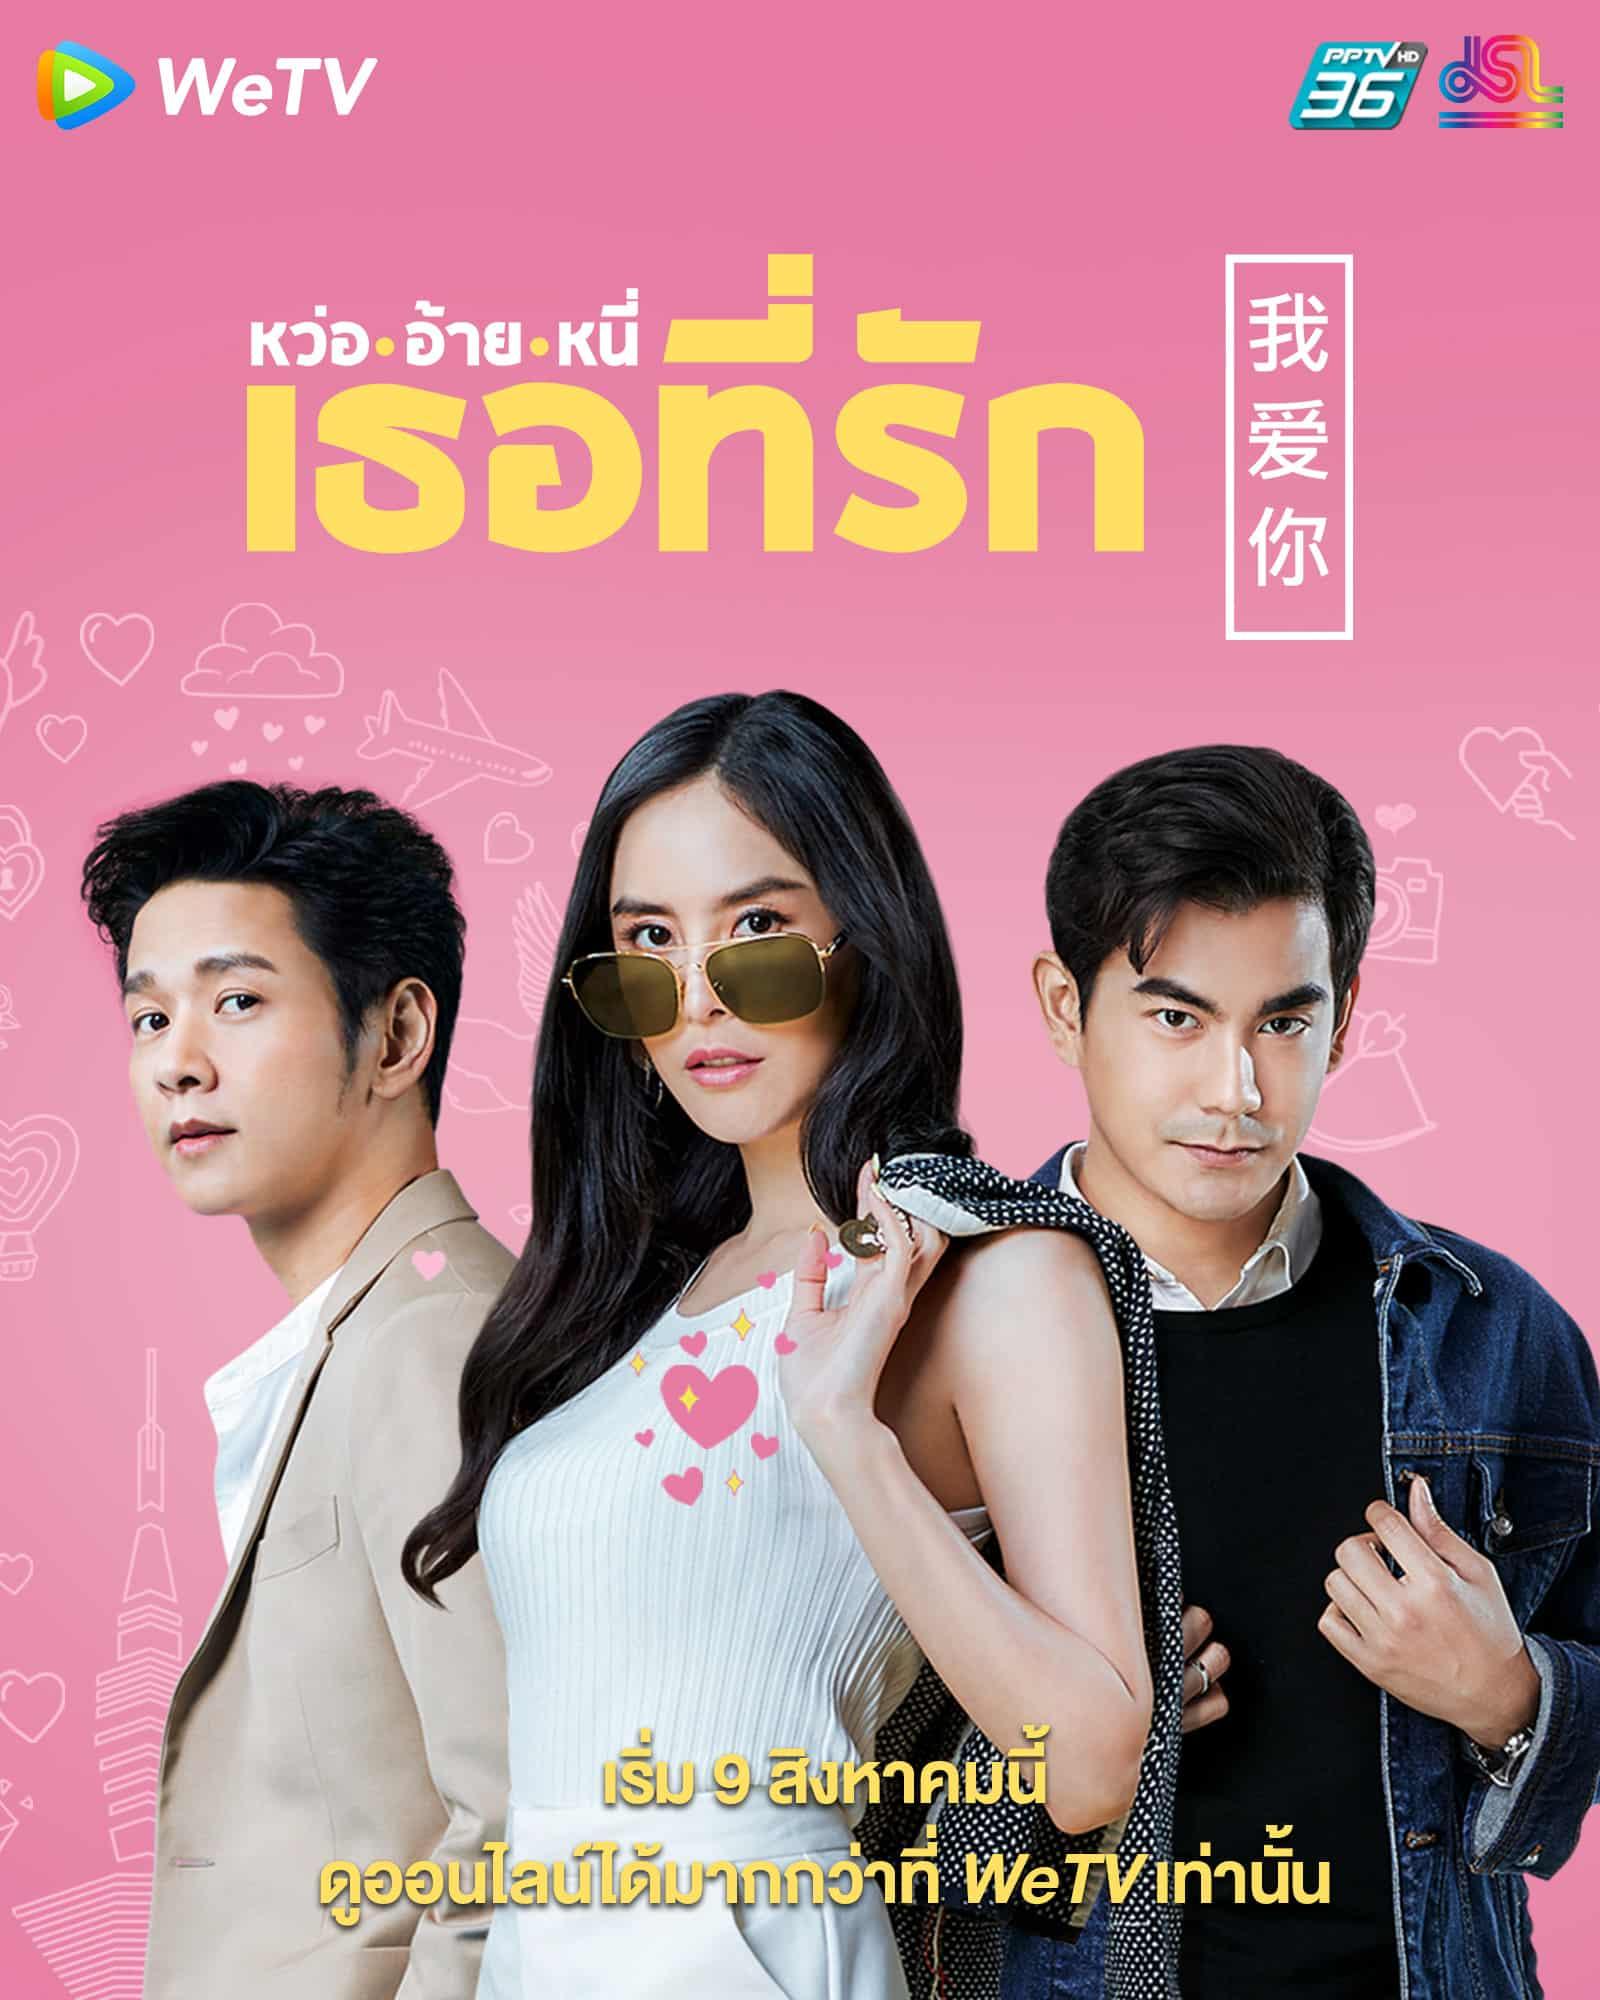 หว่อ อ้าย หนี่ เธอที่รัก (2021) My Sassy Guys พากย์ไทย EP1-EP25